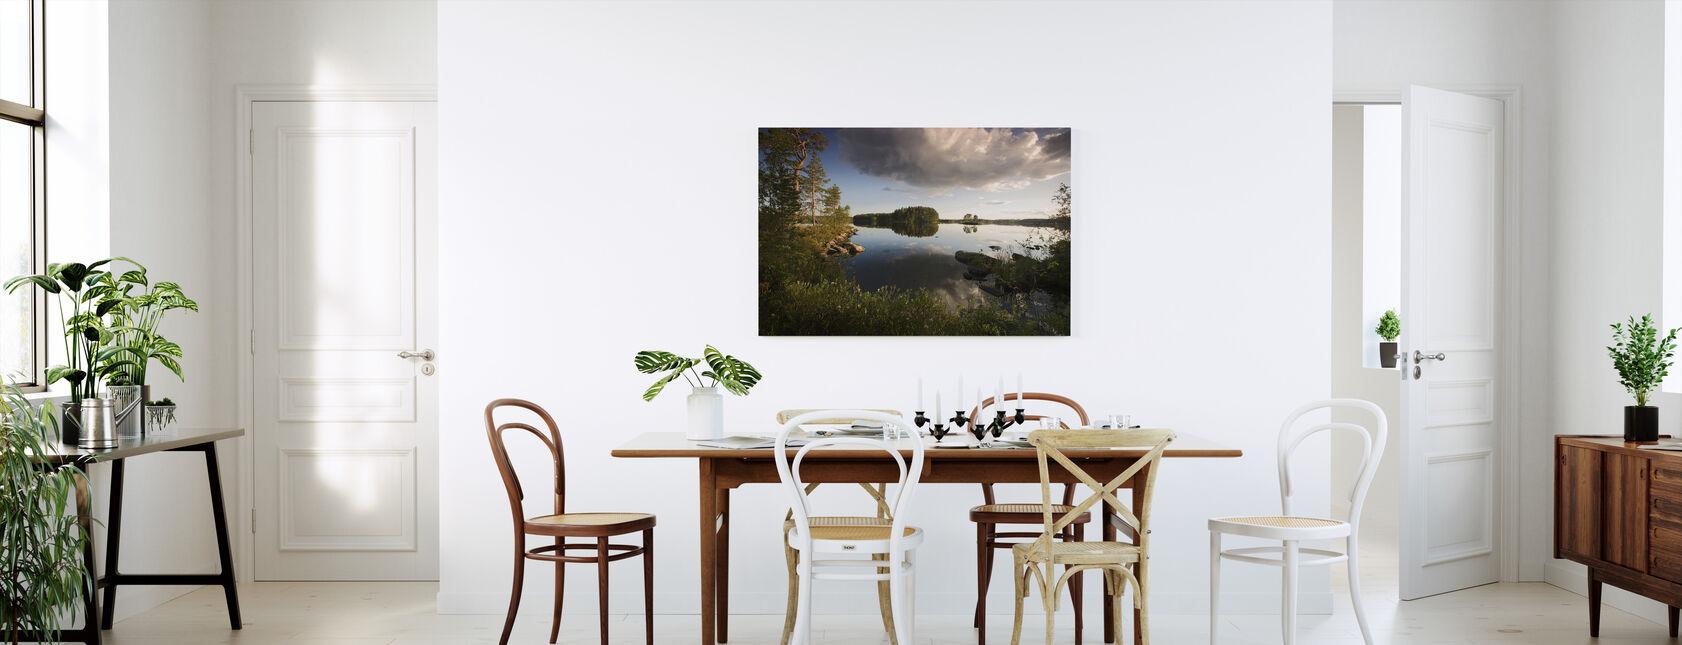 Ruotsin kesämaisema - Canvastaulu - Keittiö